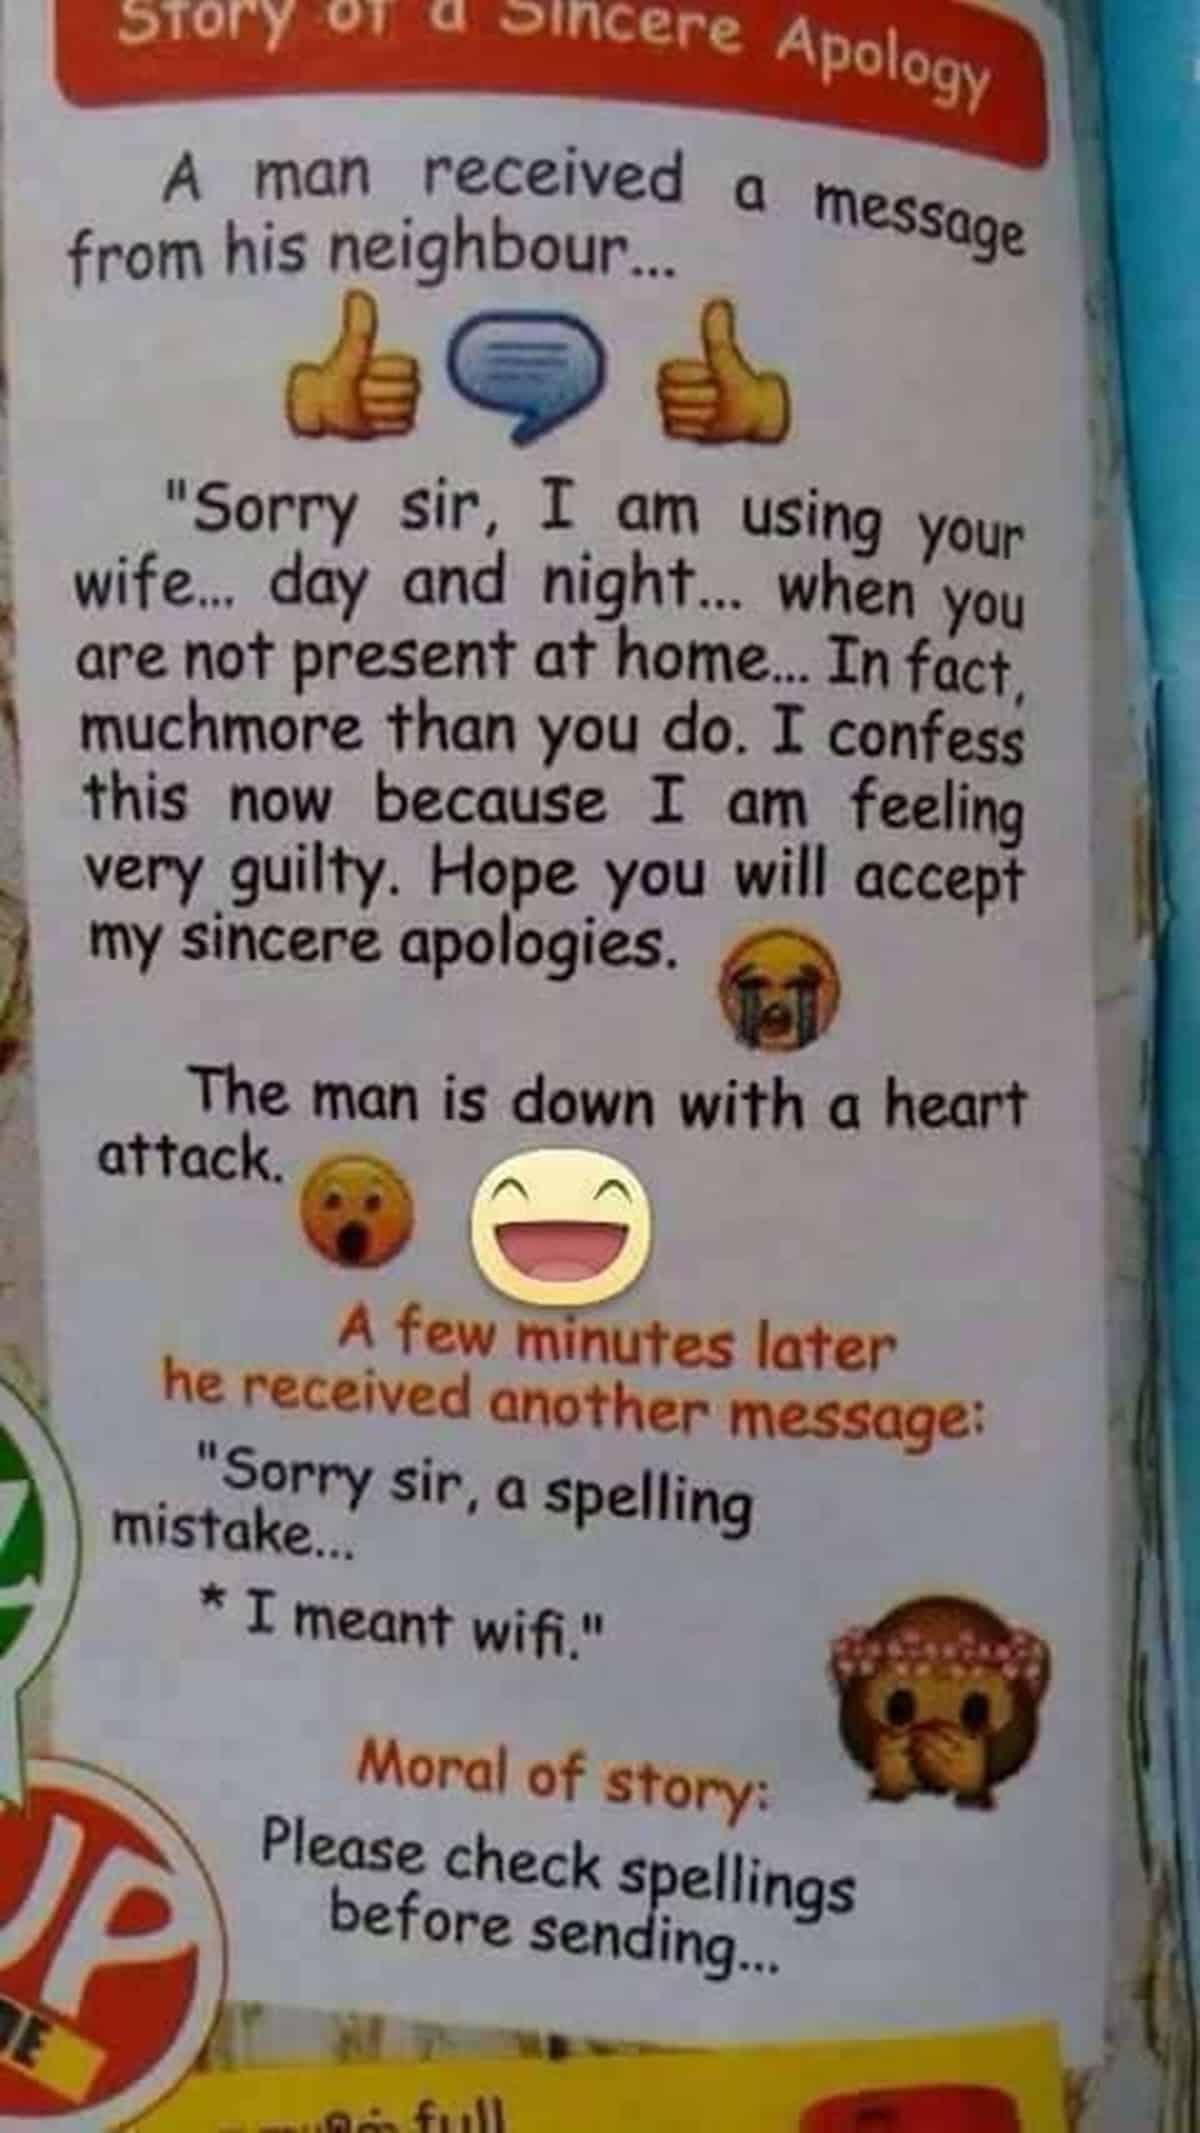 Wife vs. Wifi